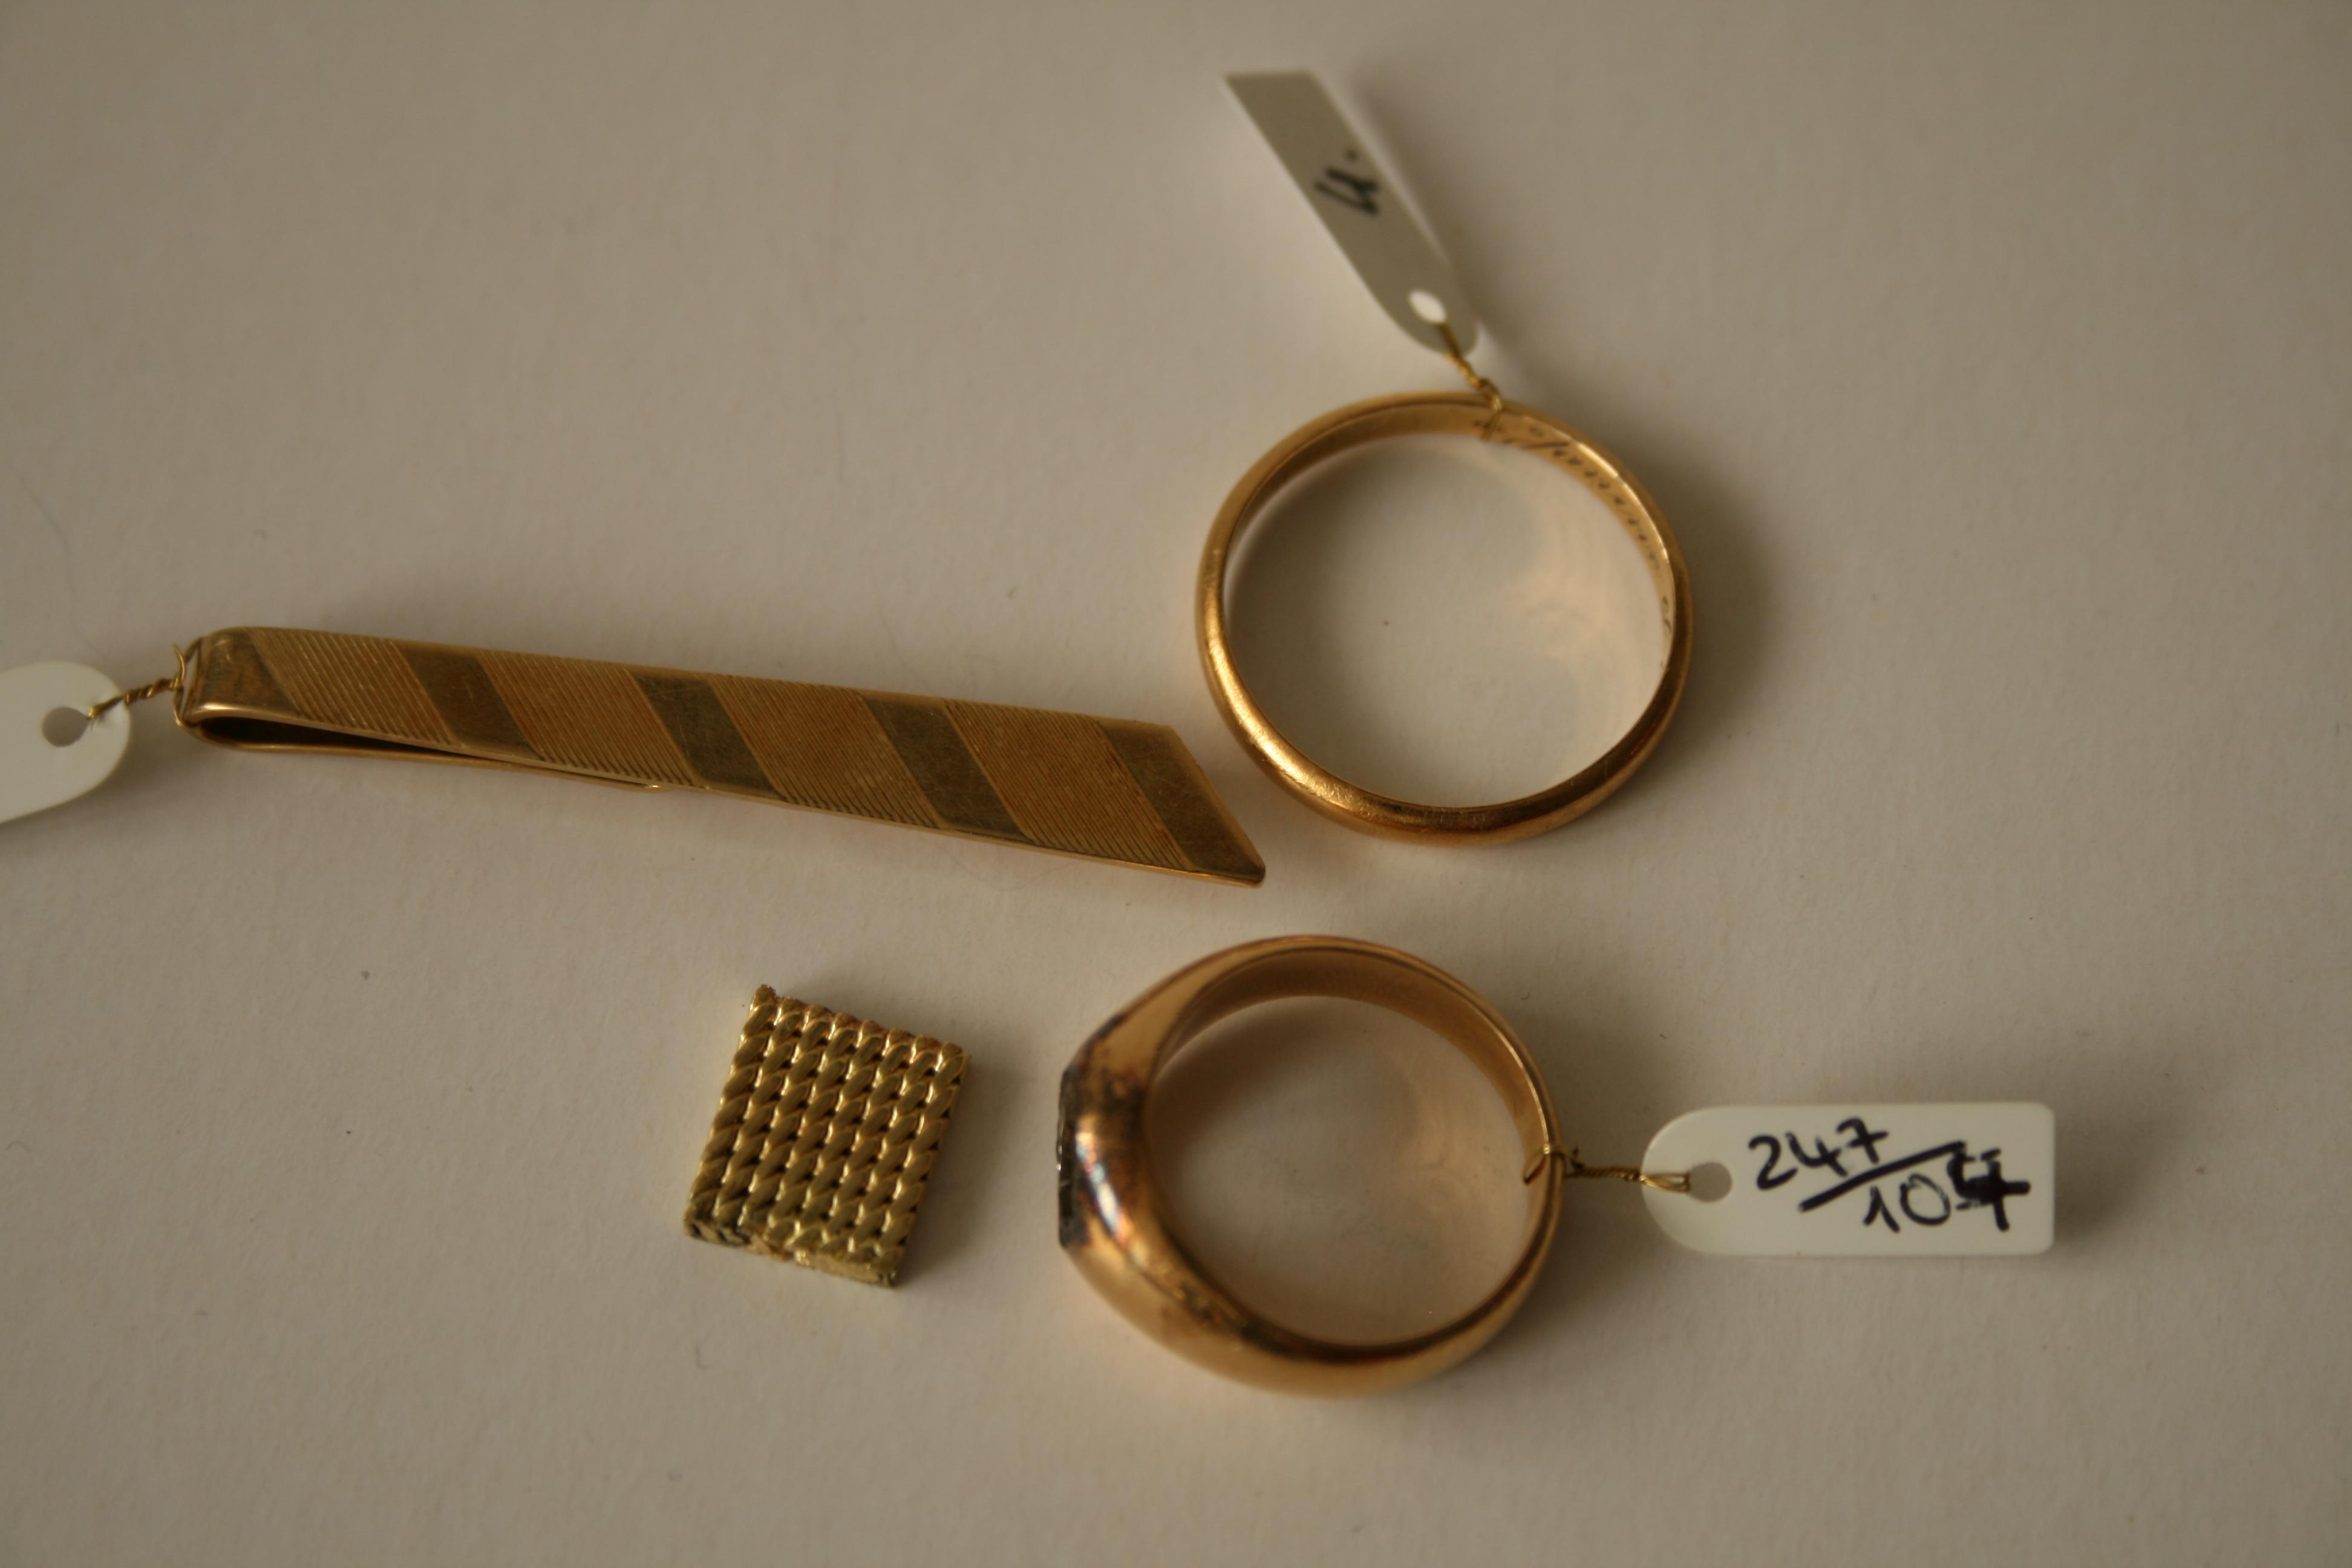 Lot 12 - Maille d'un bracelet, or jaune 750 - Longueur: 11 mm, Largeur: 9 mm, Poids: 2,74 g + [...]